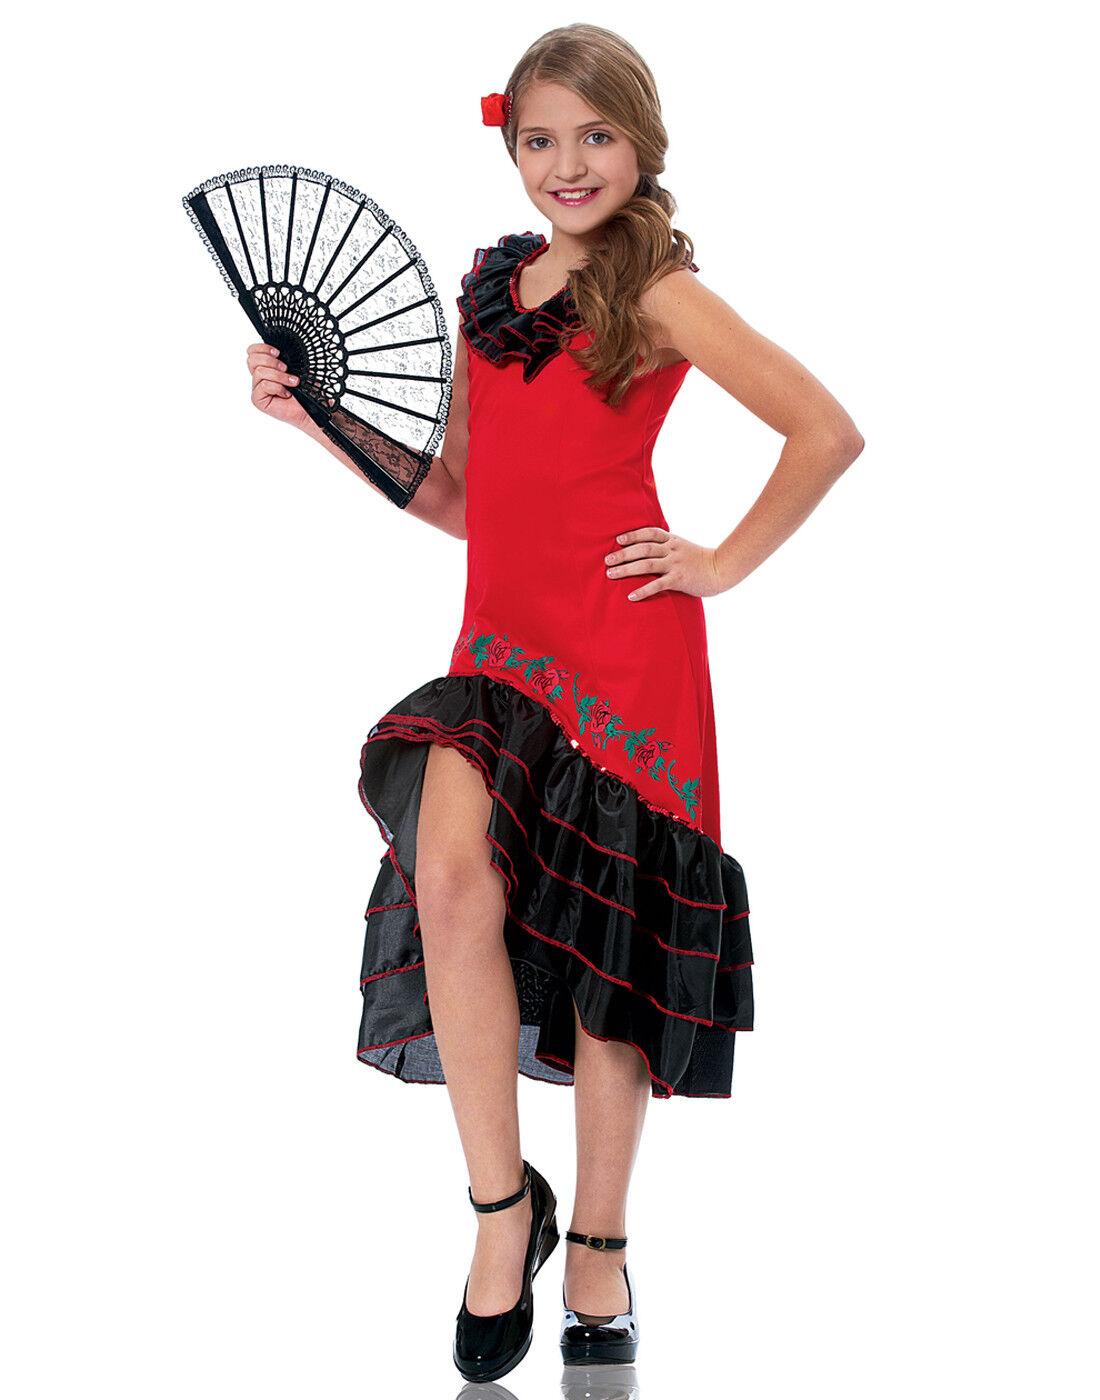 Senorita Tänzer Mädchen Kind Spanischer Flamenco Performer Tänzer- Kostüm | Große Klassifizierung